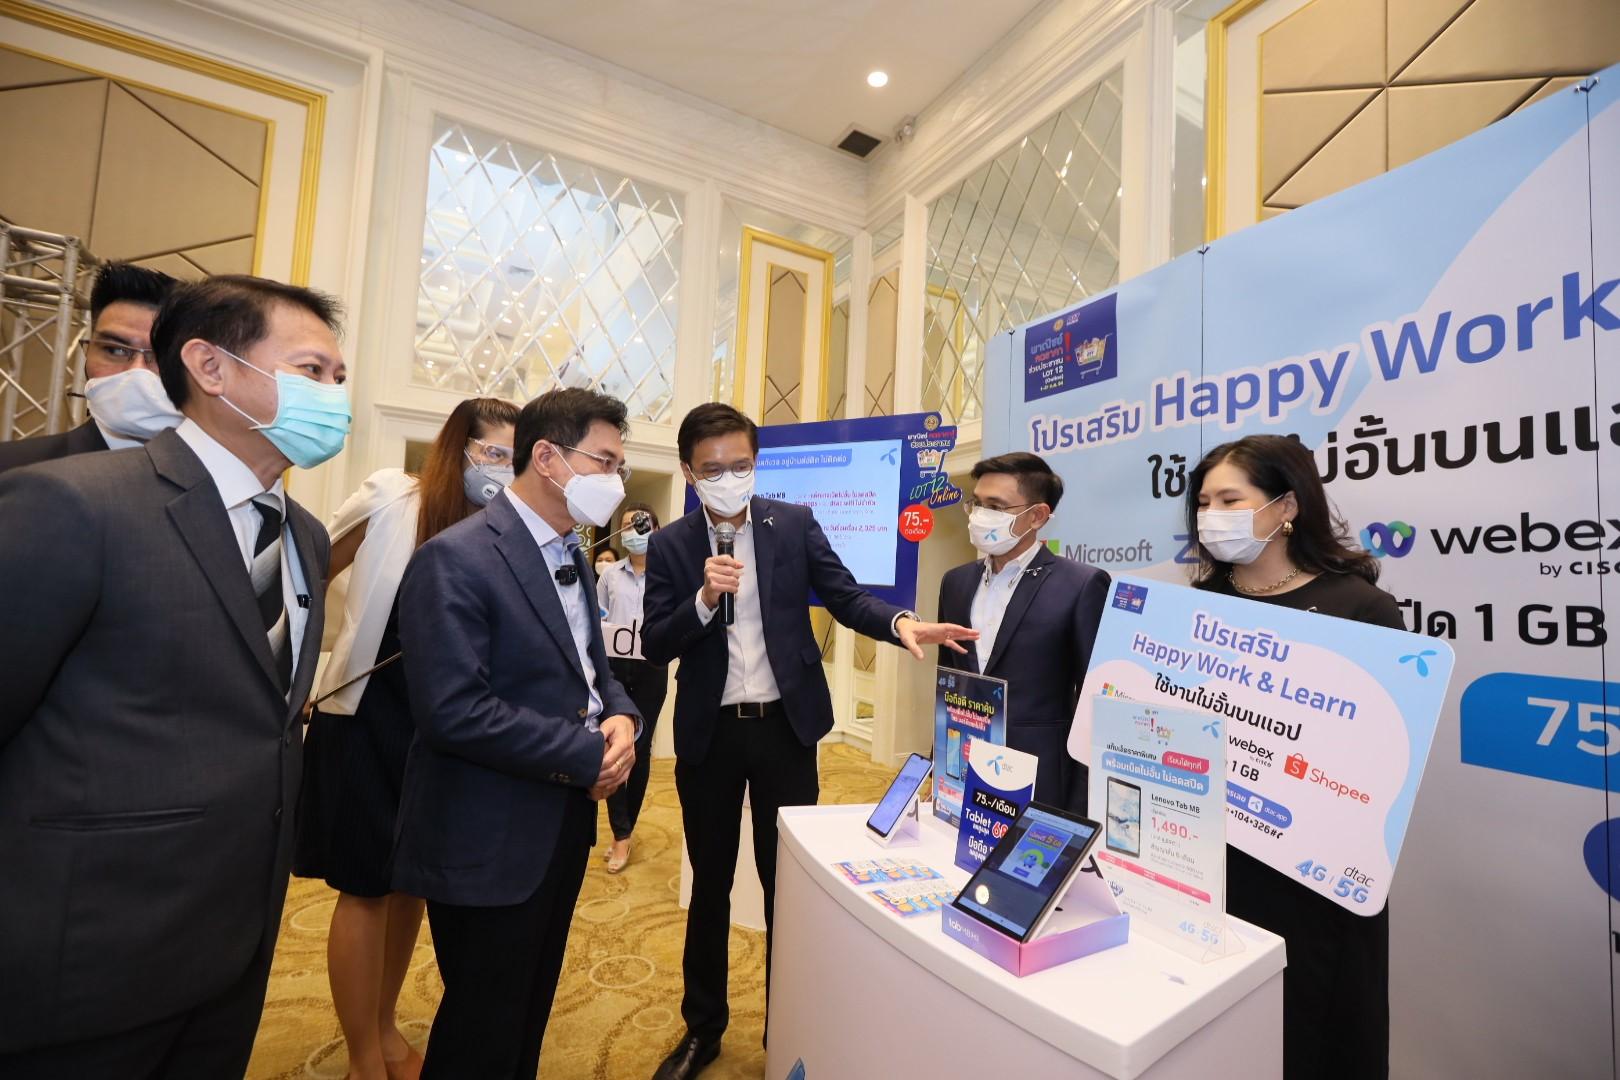 ดีแทคจัดแพ็กเกจ 'Happy Work & Learn' ร่วมโครงการพาณิชย์ลดราคา! ช่วยประชาชน ลดภาระค่าใช้จ่ายอินเทอร์เน็ต ช่วงโควิด-19